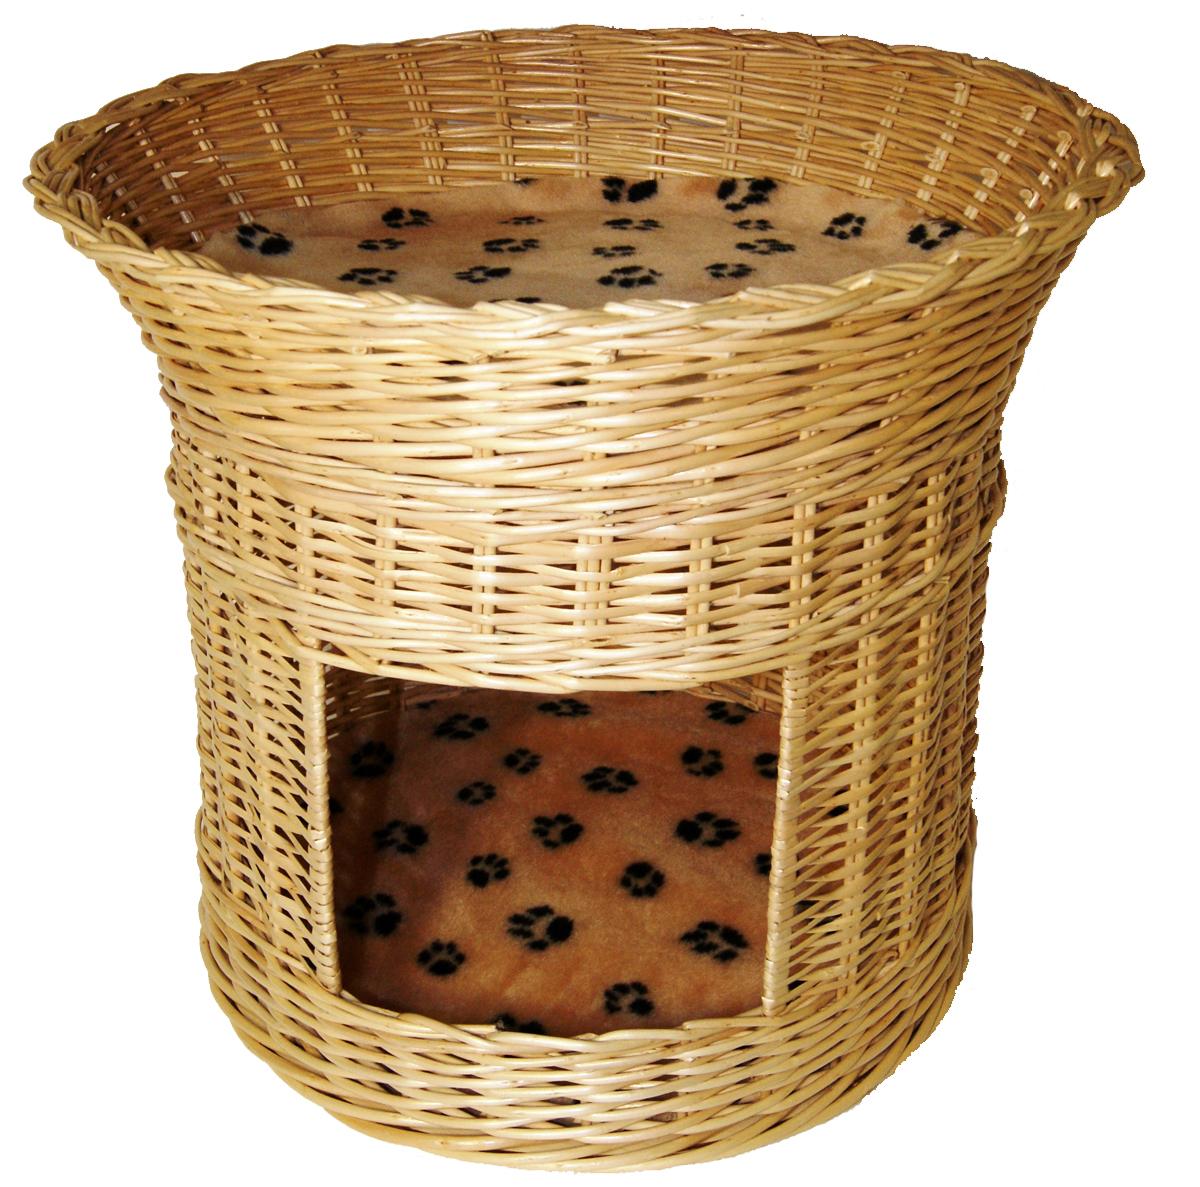 домик для кошек меридиан 2 ярусный цвет леопардовый 54 х 54 х 47 см Домик для кошек Меридиан, 2-ярусный, цвет: лапки, 54 х 54 х 47 см